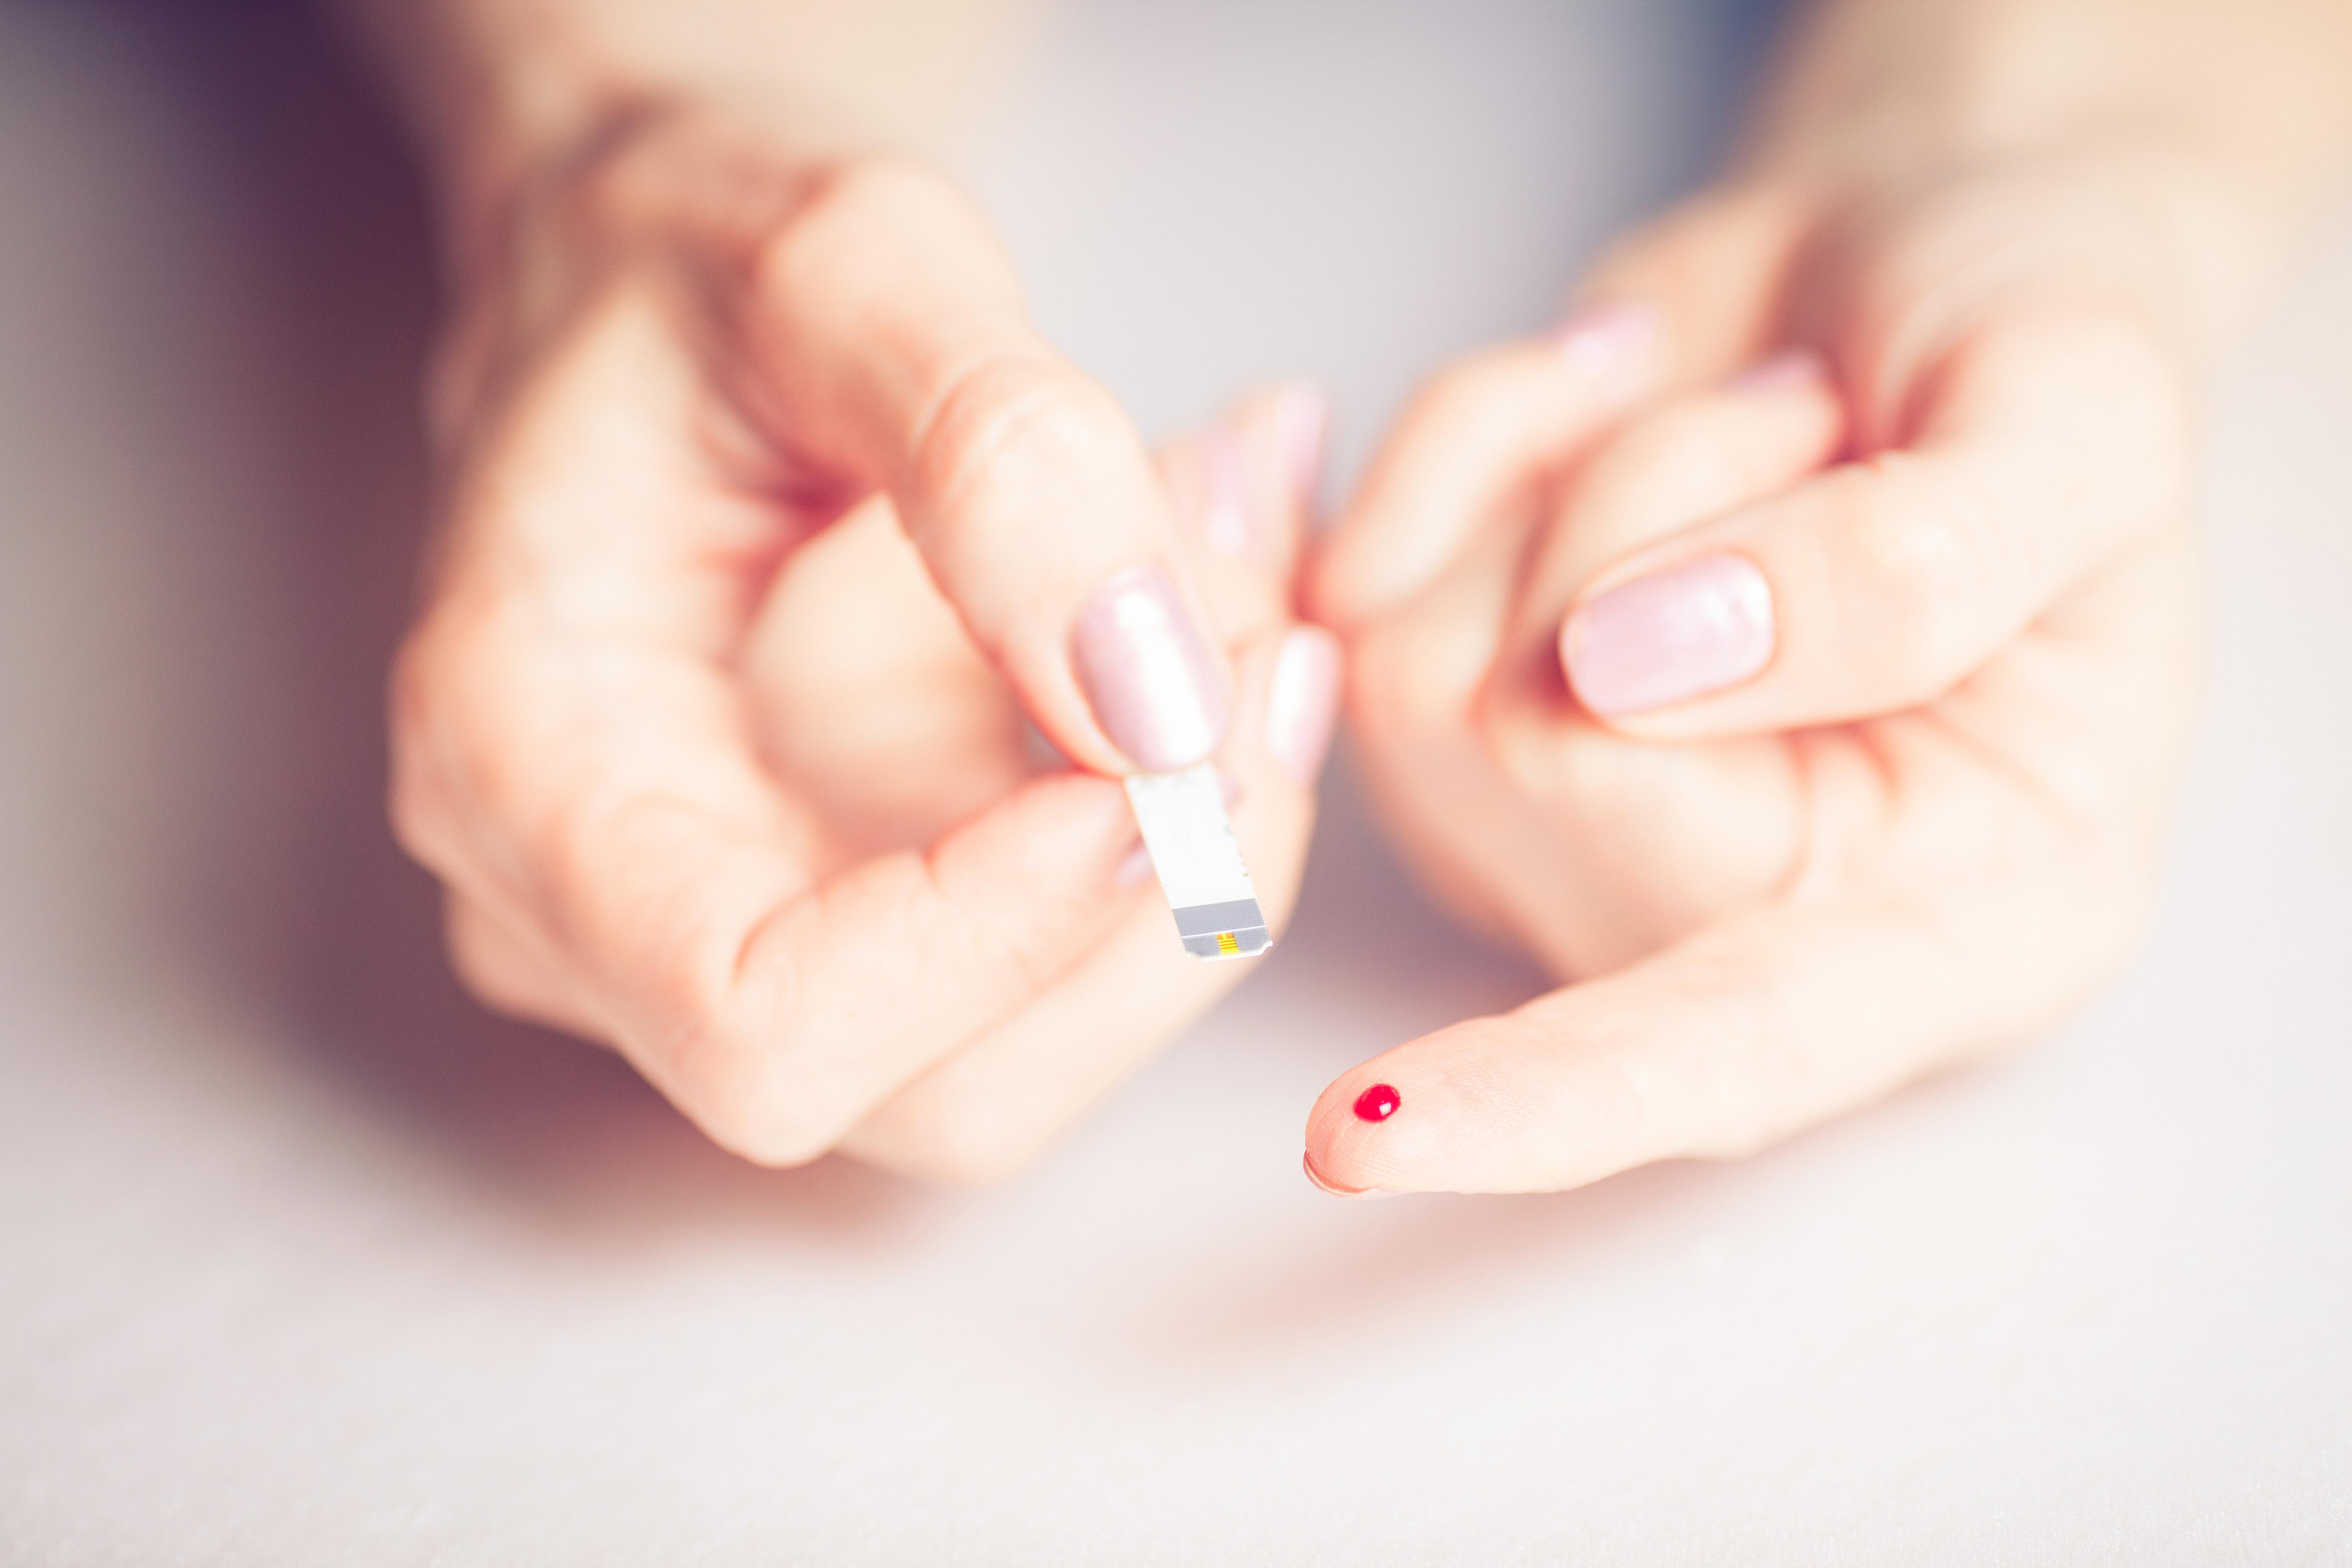 L'amélioration du contrôle de la glycémie améliore aussi la santé cérébrale et cognitive des personnes atteintes de diabète de type 2 (Visuel Adobe Stock 113201522)